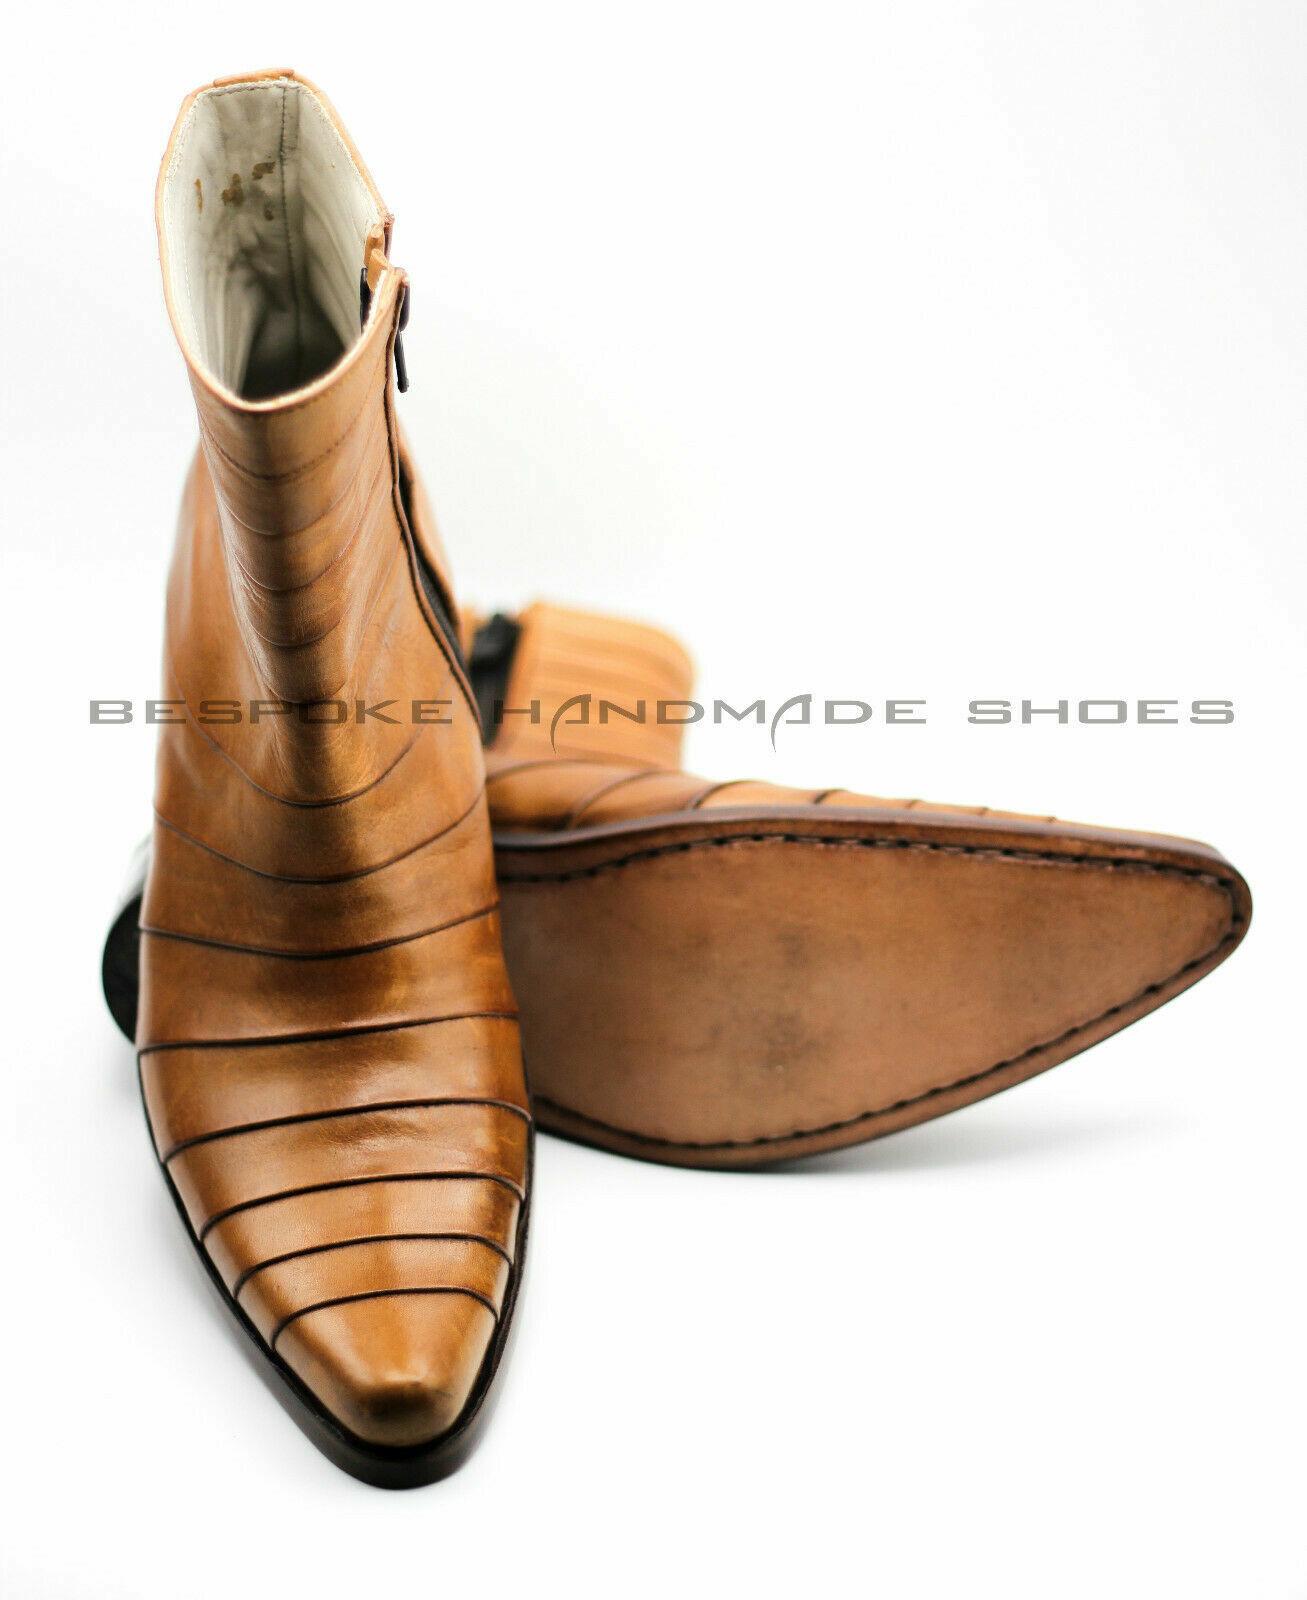 Bespoke cuero hecha a mano 14 piezas Cremallera Tobillo botas de múltiples articulaciones Elevador